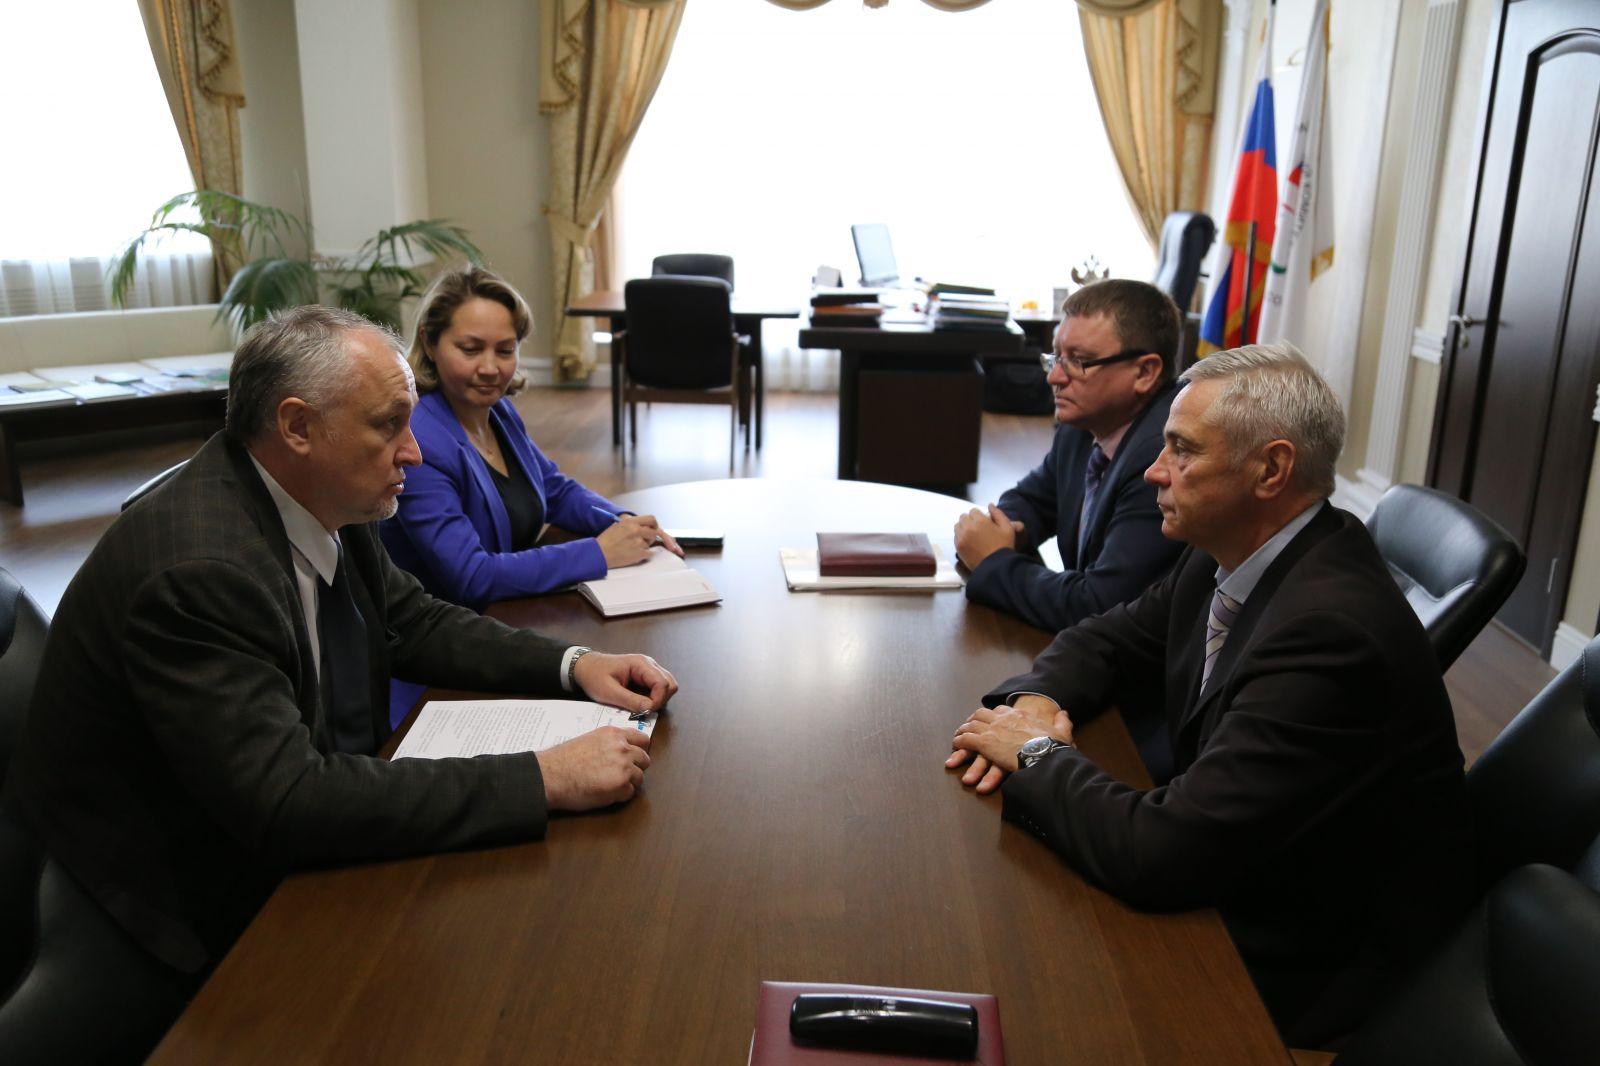 П.А. Рожков провел рабочую встречу с генеральным директором РУСАДА Ю.А. Ганусом